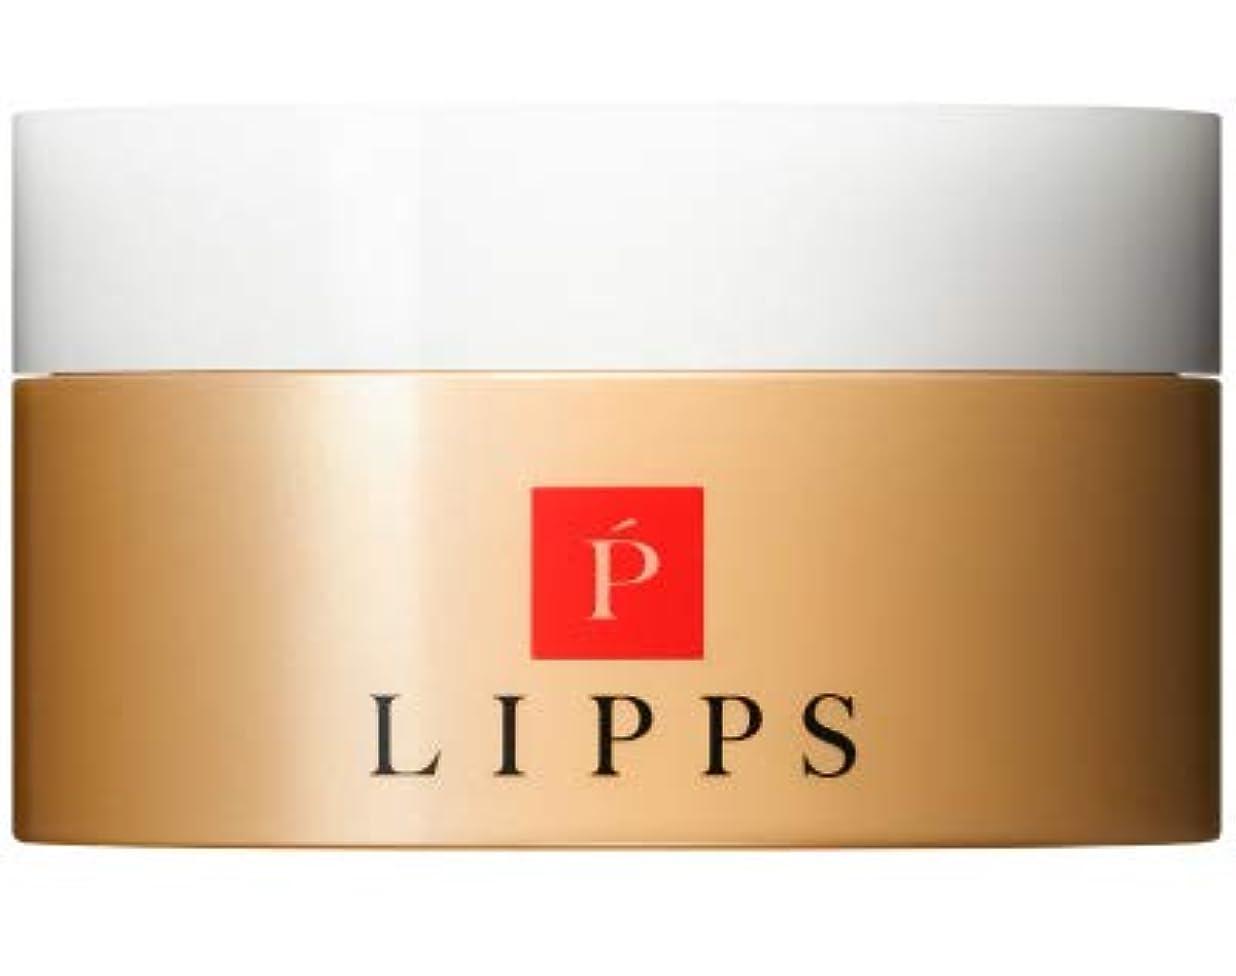 上がる構想する閲覧する【ふわっと動く×自由自在な束感】LIPPS L12フリーキープワックス (85g)